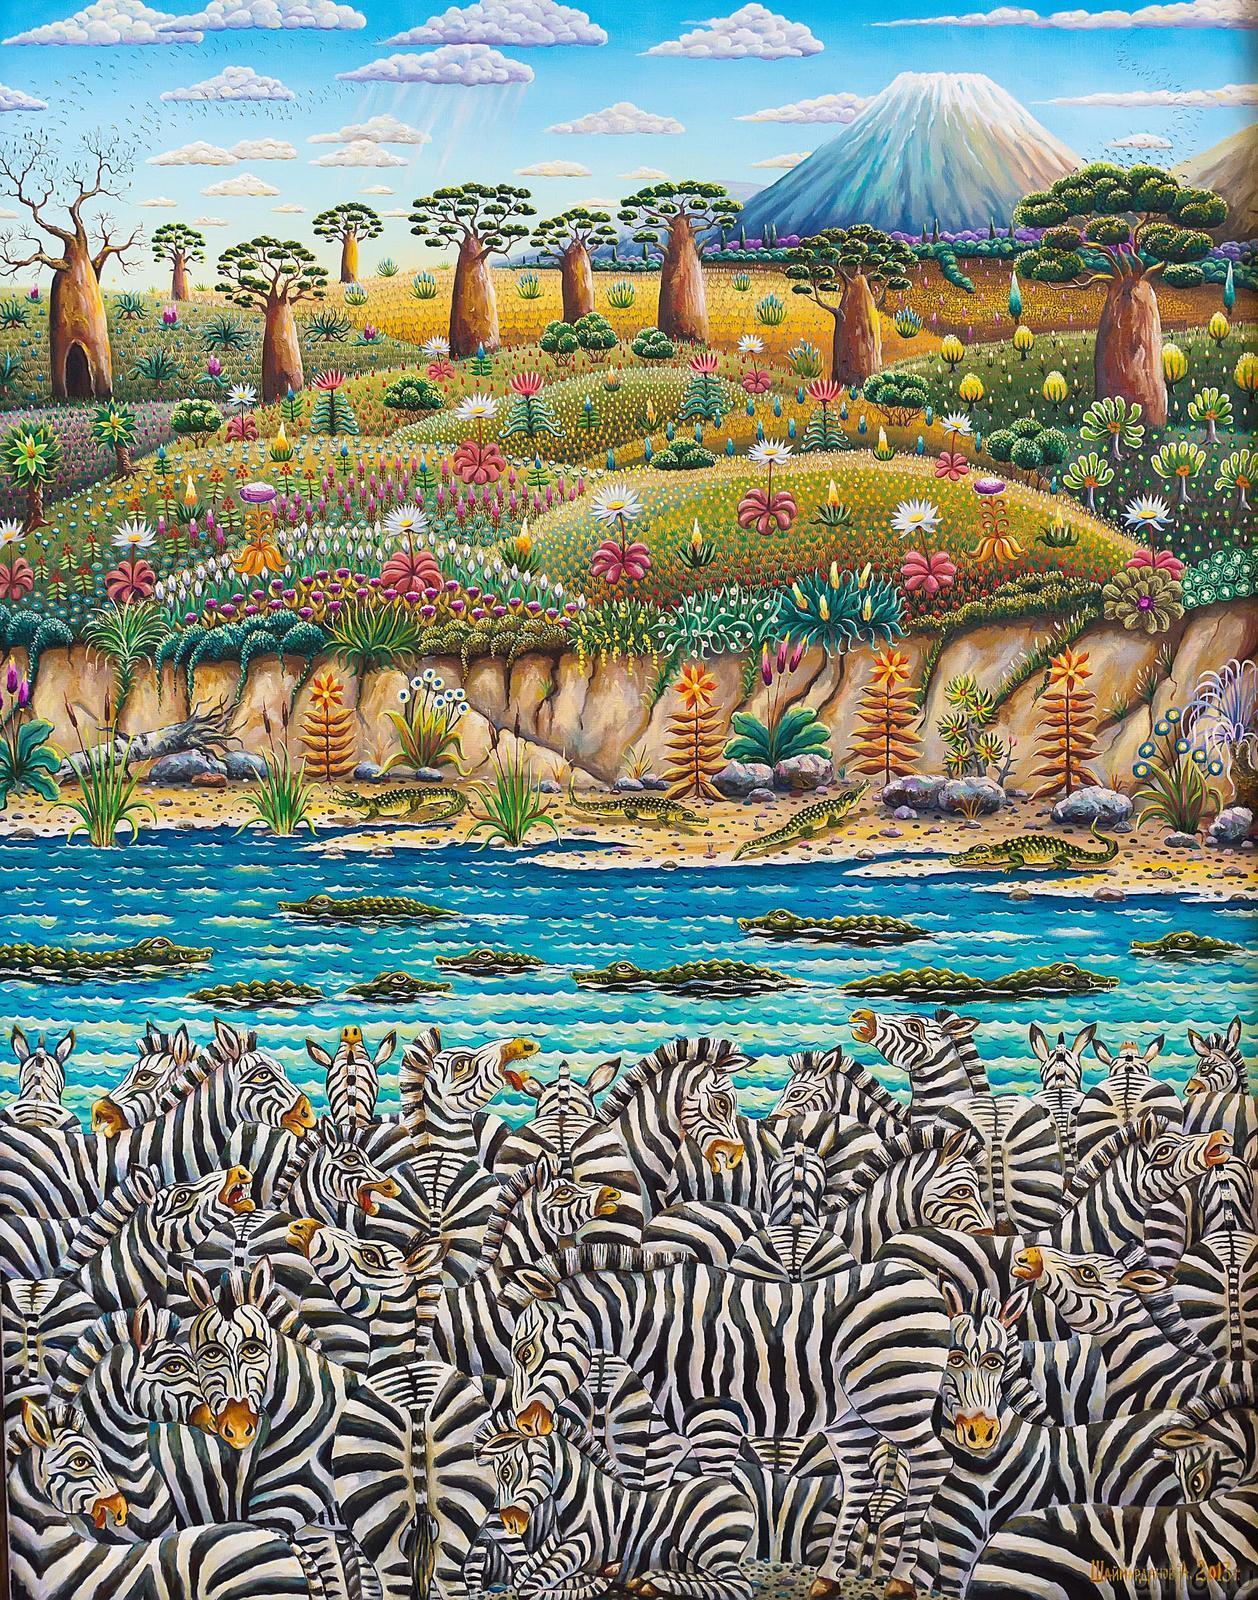 Фото №186767. Шаймарданов Альфрид ''Река жизни''2013год,холст,масло,130х100см